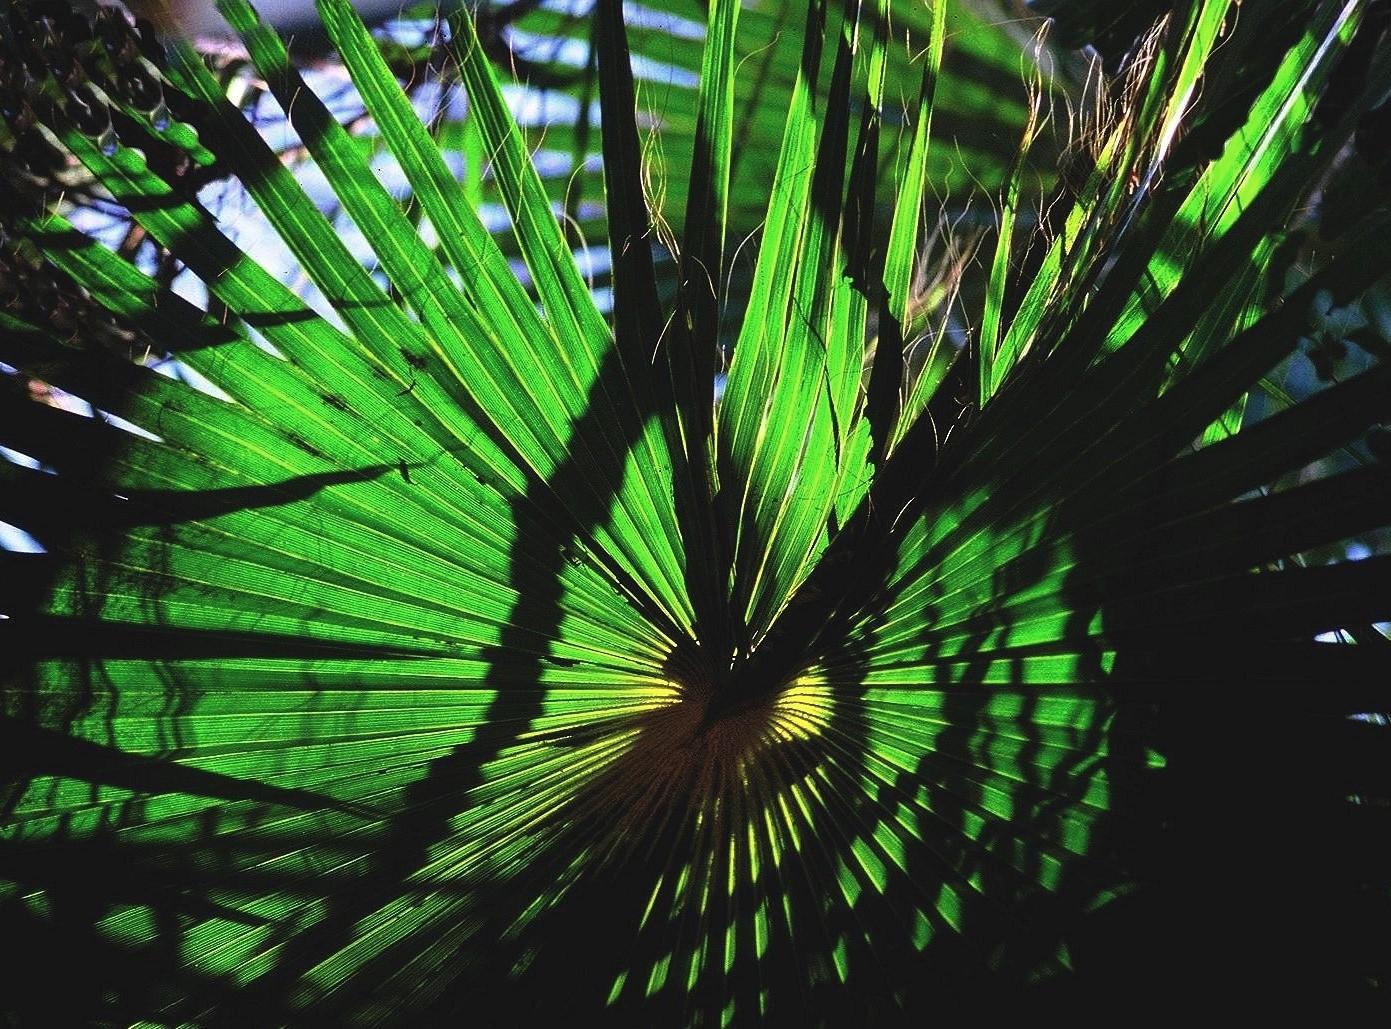 La roue verte